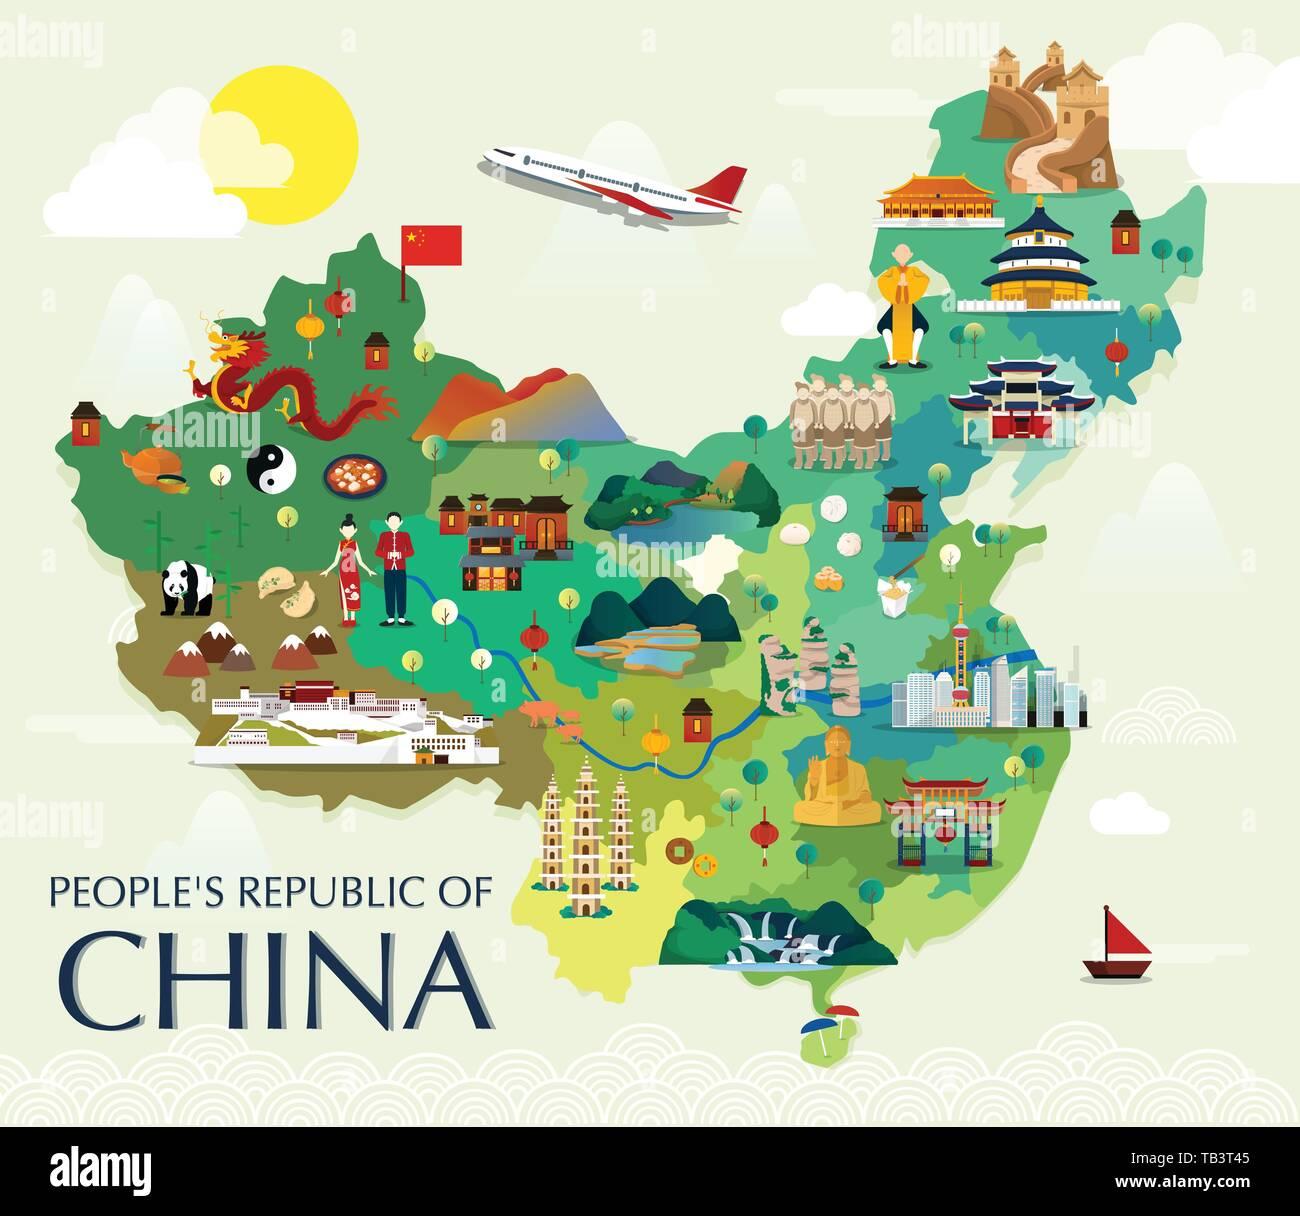 china sehenswürdigkeiten karte Karte von China Sehenswürdigkeiten Vektor und Illustration Stock